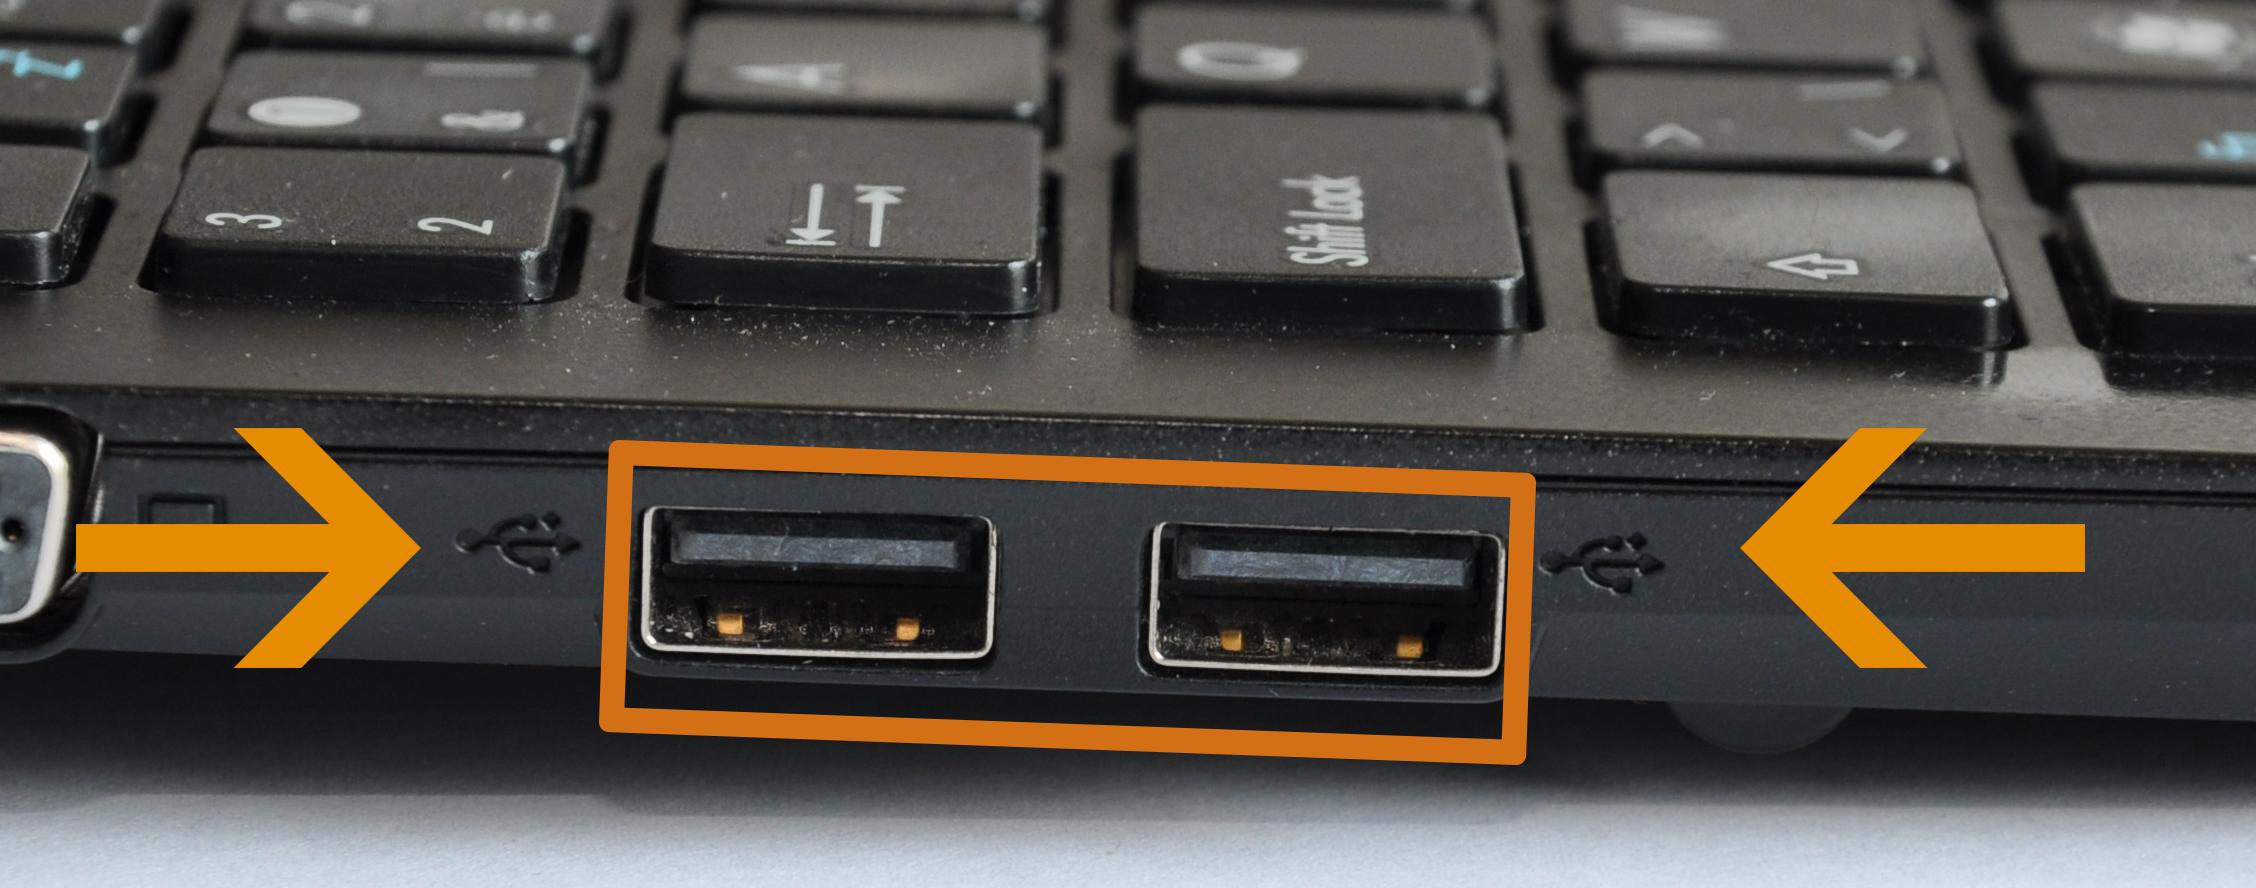 Ports d un ordinateur pmtic - Port usb ne reconnait pas peripheriques ...